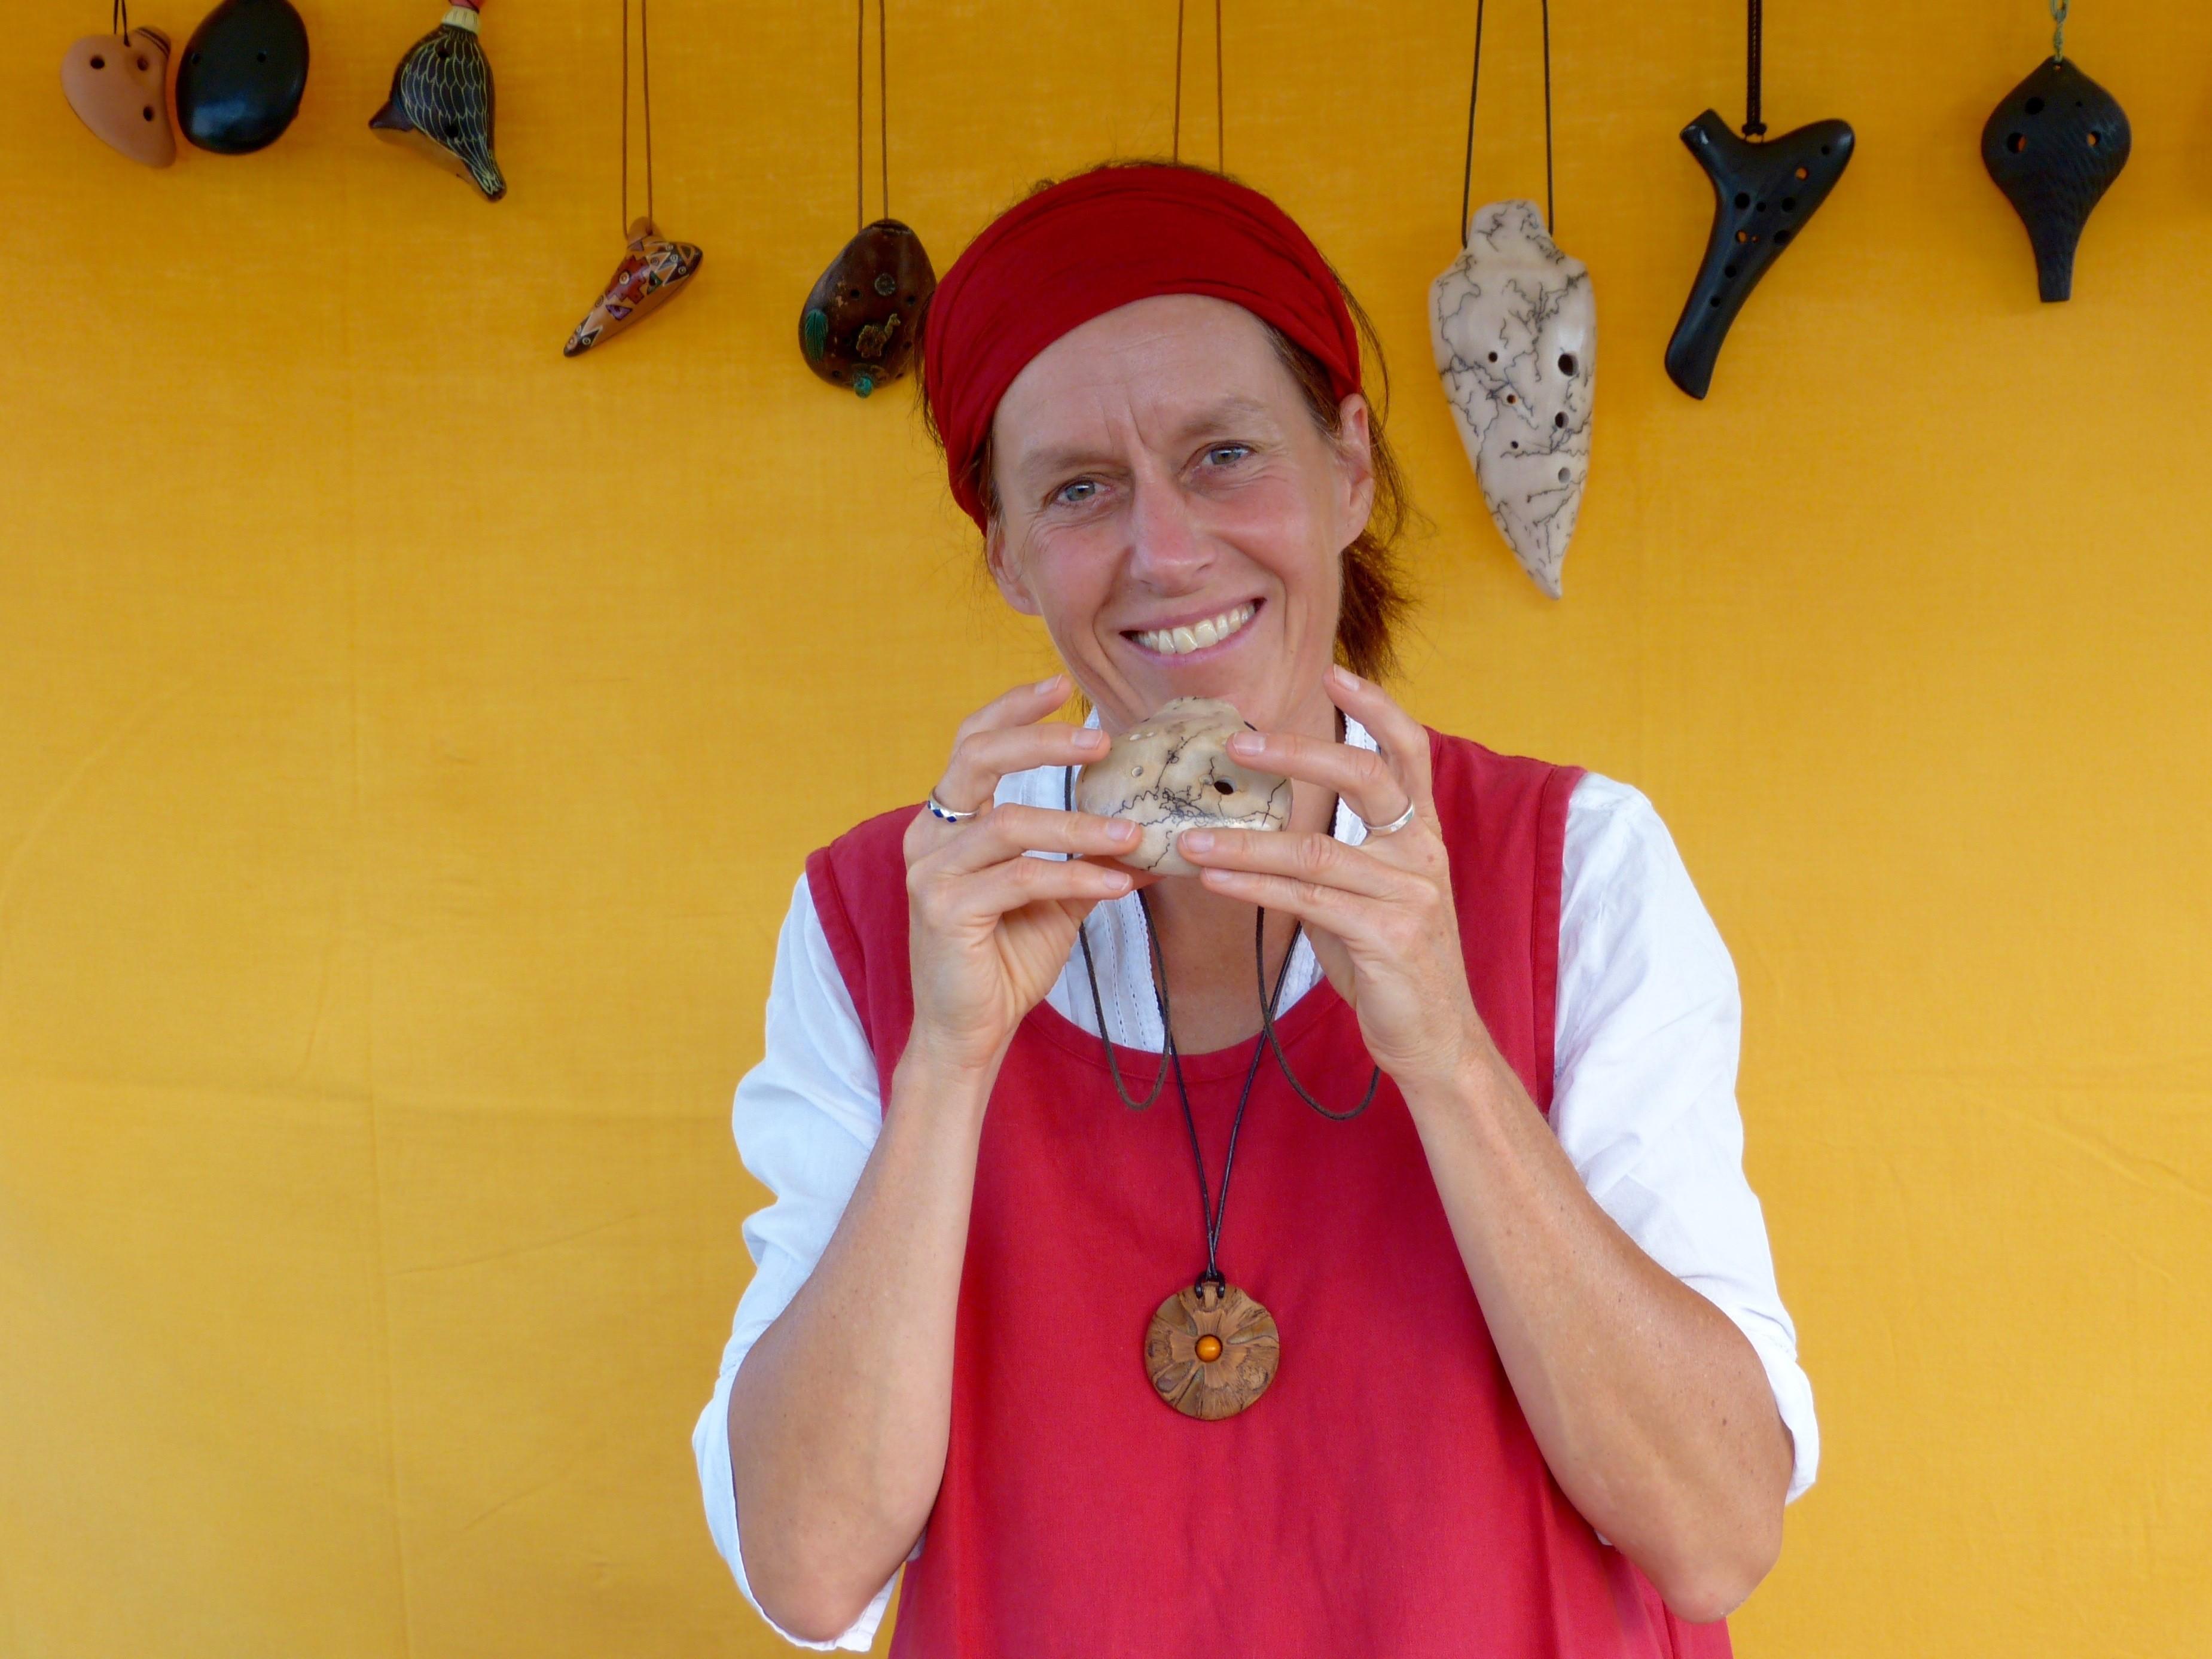 Bis zum Sommer ist Jasmina Meier für ihr ganz persönliches Herzensprojekt, in Aswan, in Südägypten, unterwegs. Bis dahin werden sich alle Liebhaber der Okarina gedulden, um sie dann wieder auf den Märkten oder in ihrem Atelier anzutreffen. In der Zwischenzeit erfüllt ihre Okarinafee, die Herzenswünsche ihrer Kunden vor Ort in der Schweiz und berät sie.